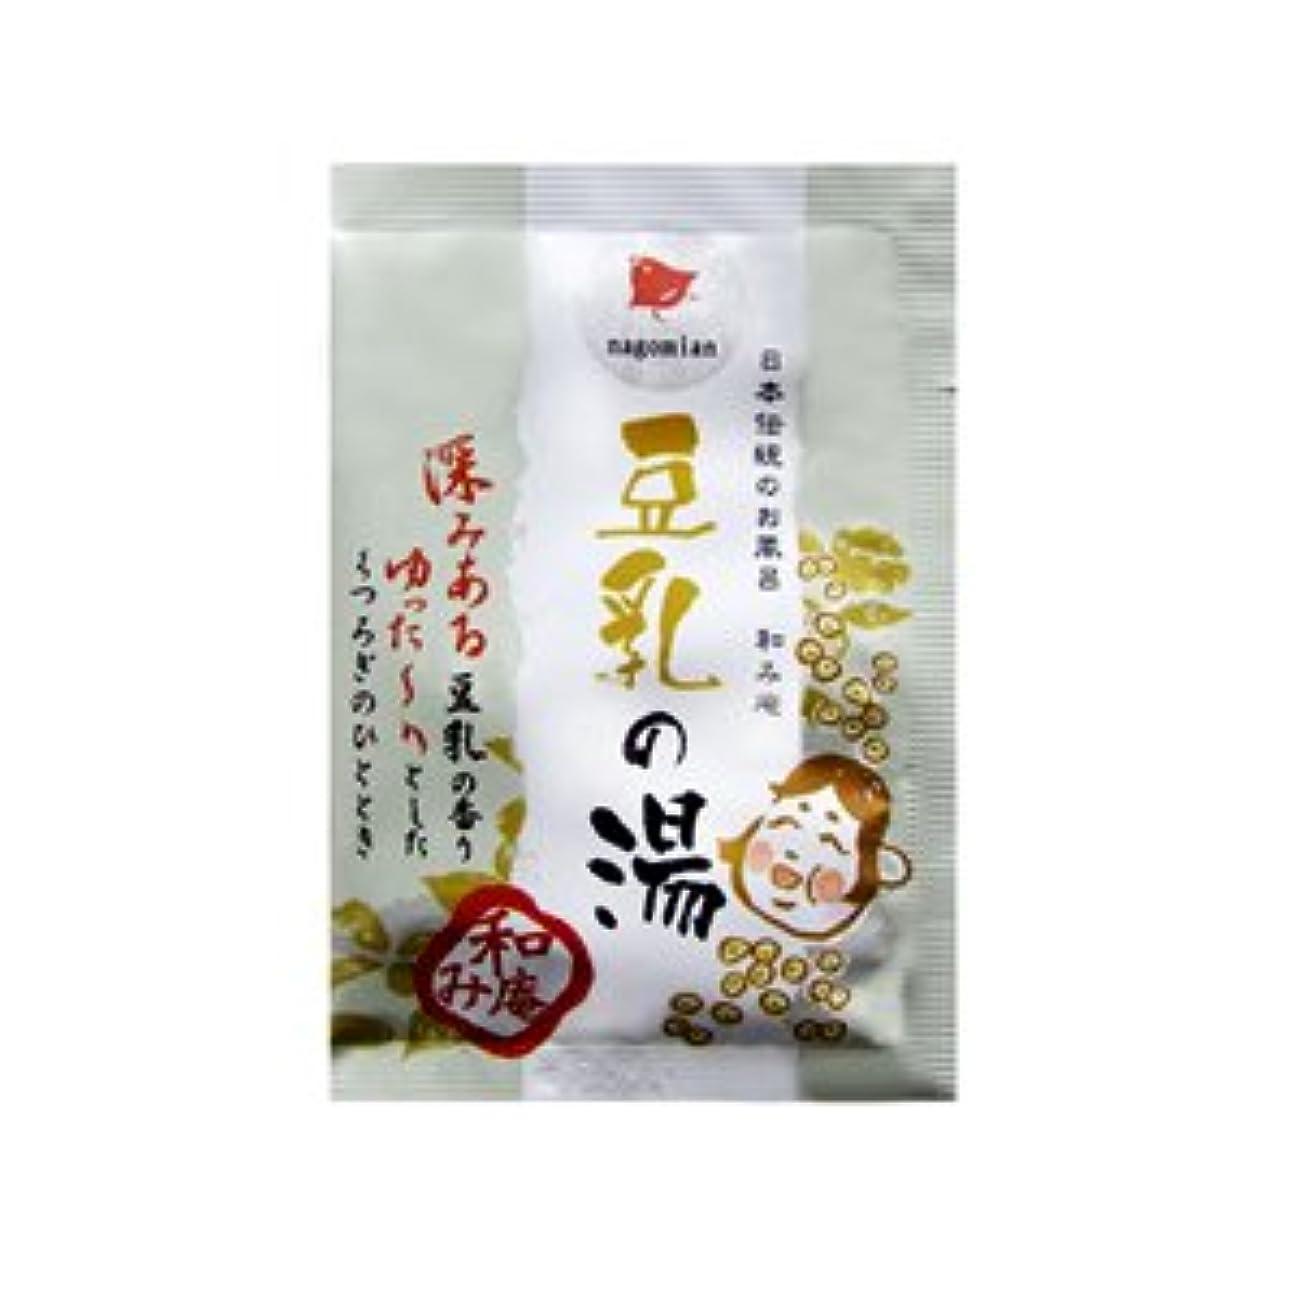 可動屋内でおじいちゃん日本伝統のお風呂 和み庵 豆乳の湯 25g 10個セット